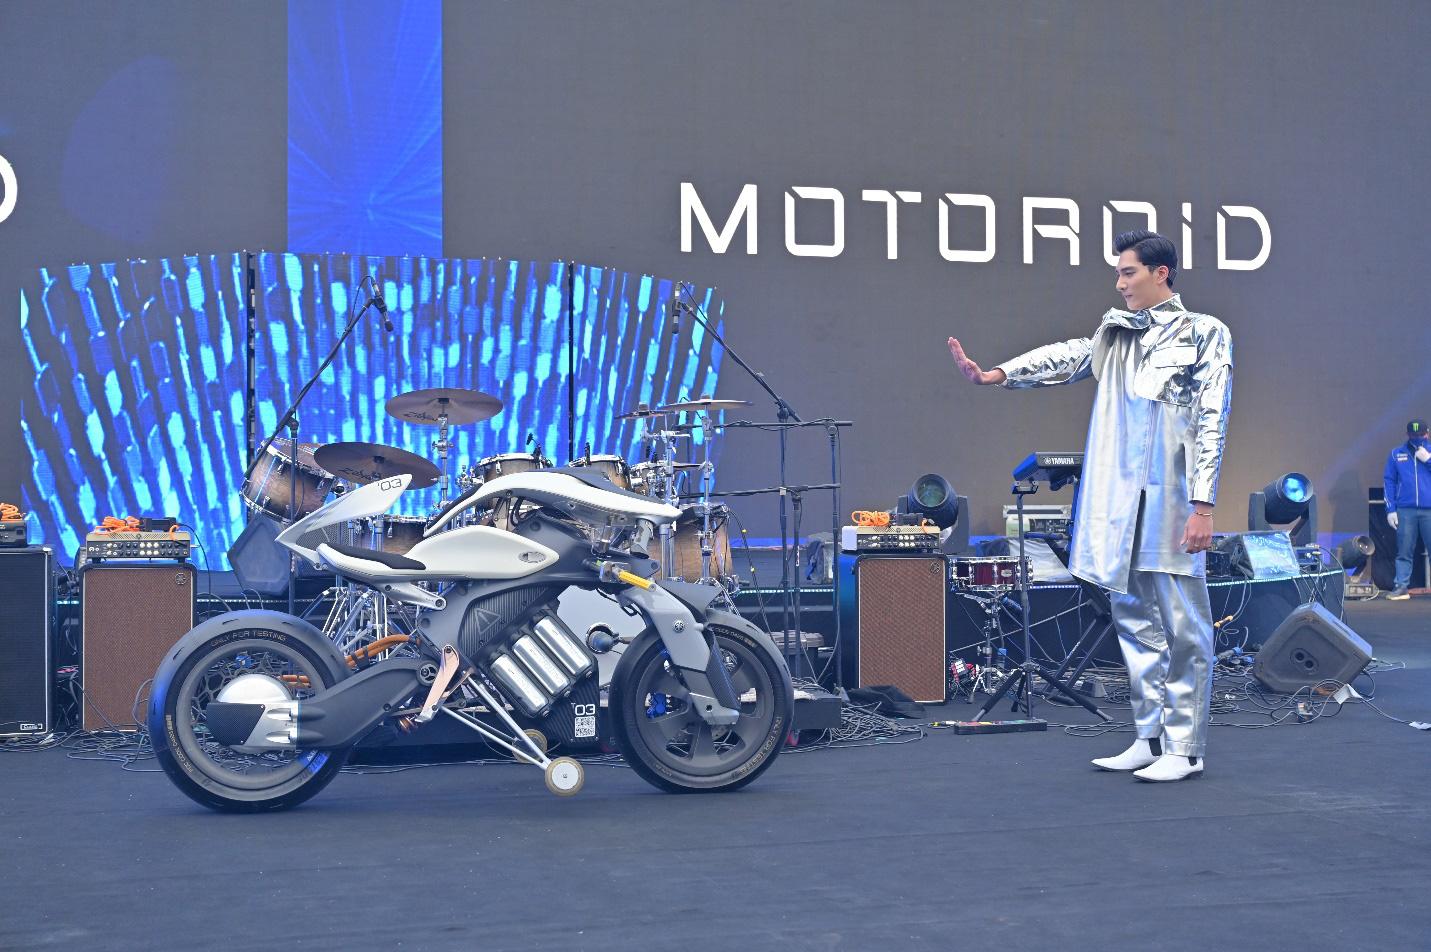 Yamaha Motor tiên phong tạo ra triển lãm motor show theo phong cách riêng chưa từng có tại Việt Nam - Ảnh 3.